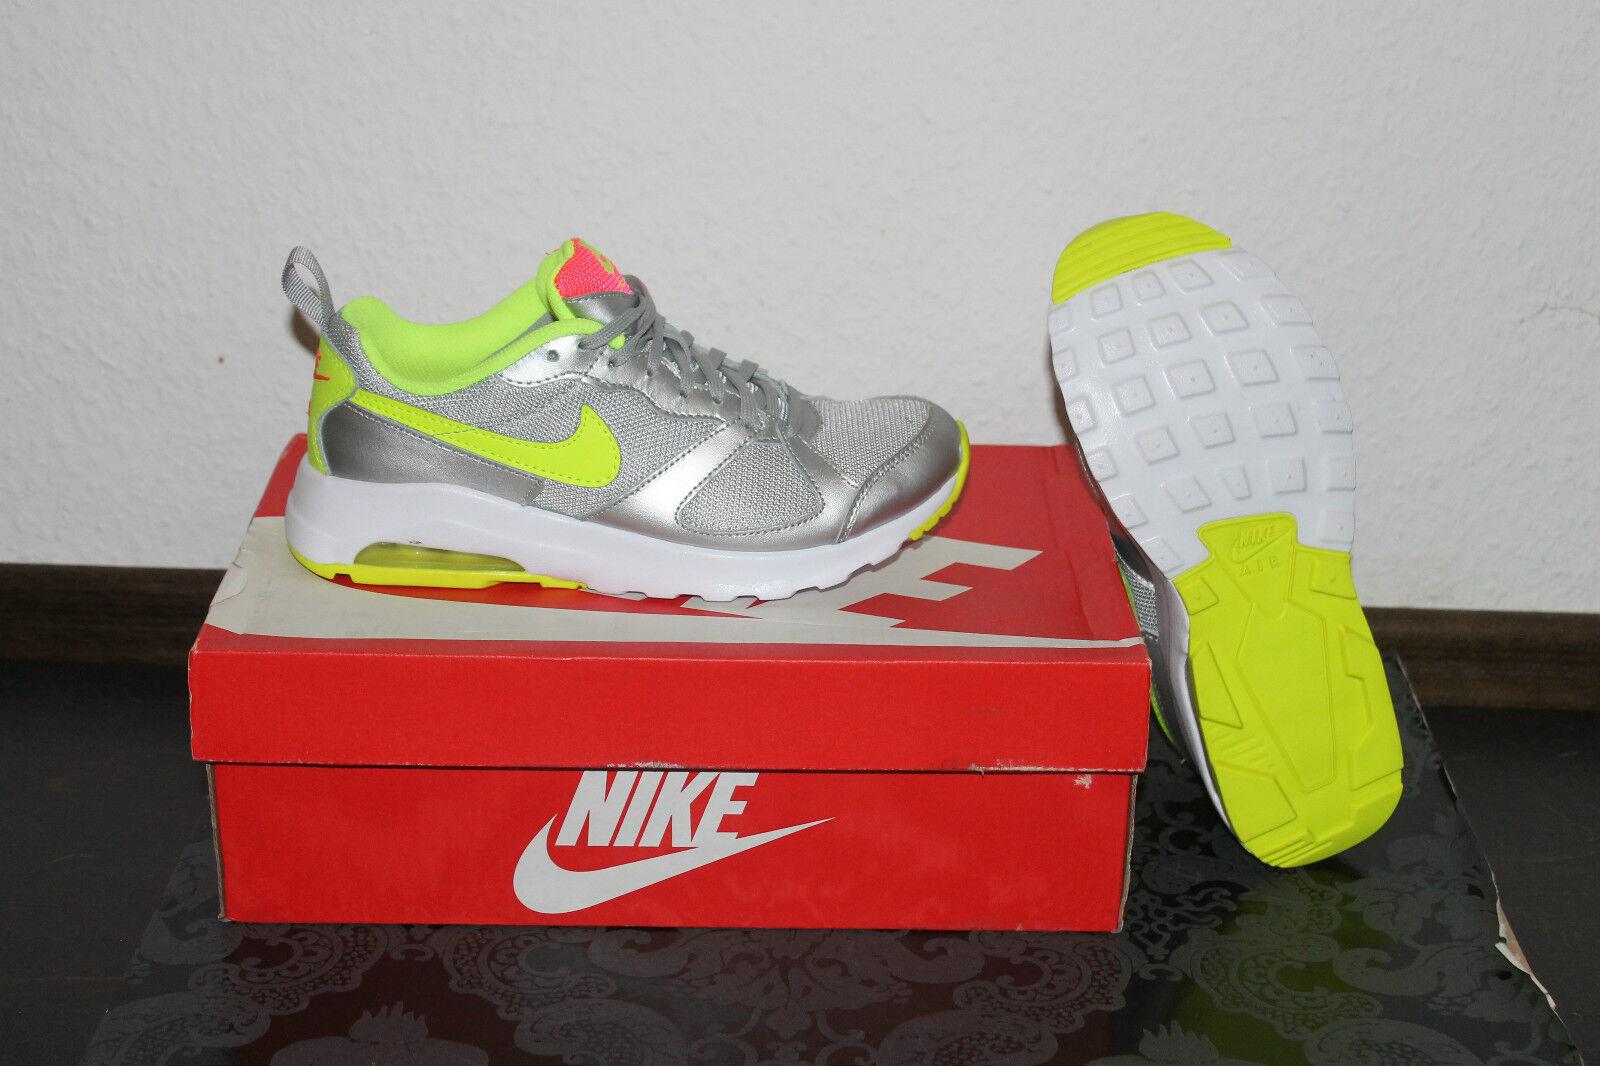 Nike Air Max Muse Damen Running Schuhe Silber Gelb alle Größen Neu mit Karton